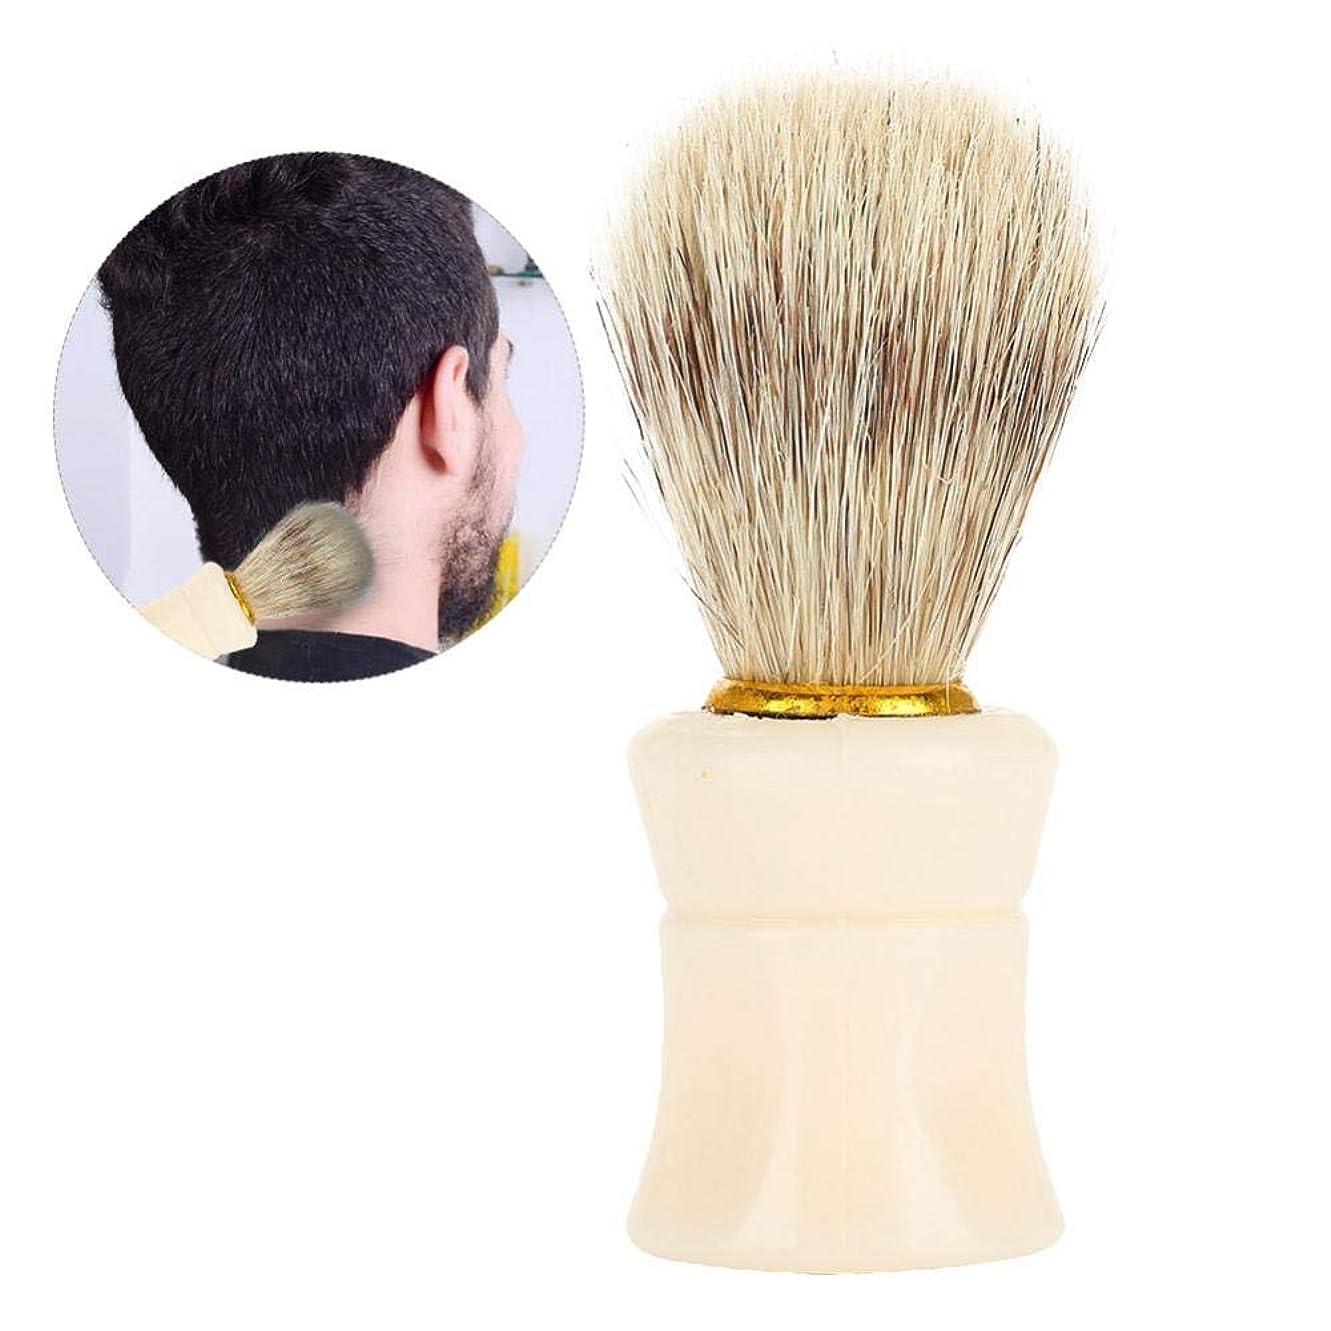 ハブ設置増加するSemme理髪師クリーニングヘアブラシヘアスイープブラシ、プロフェッショナルネックダスターブラシ理髪師理髪クリーニングヘアブラシ